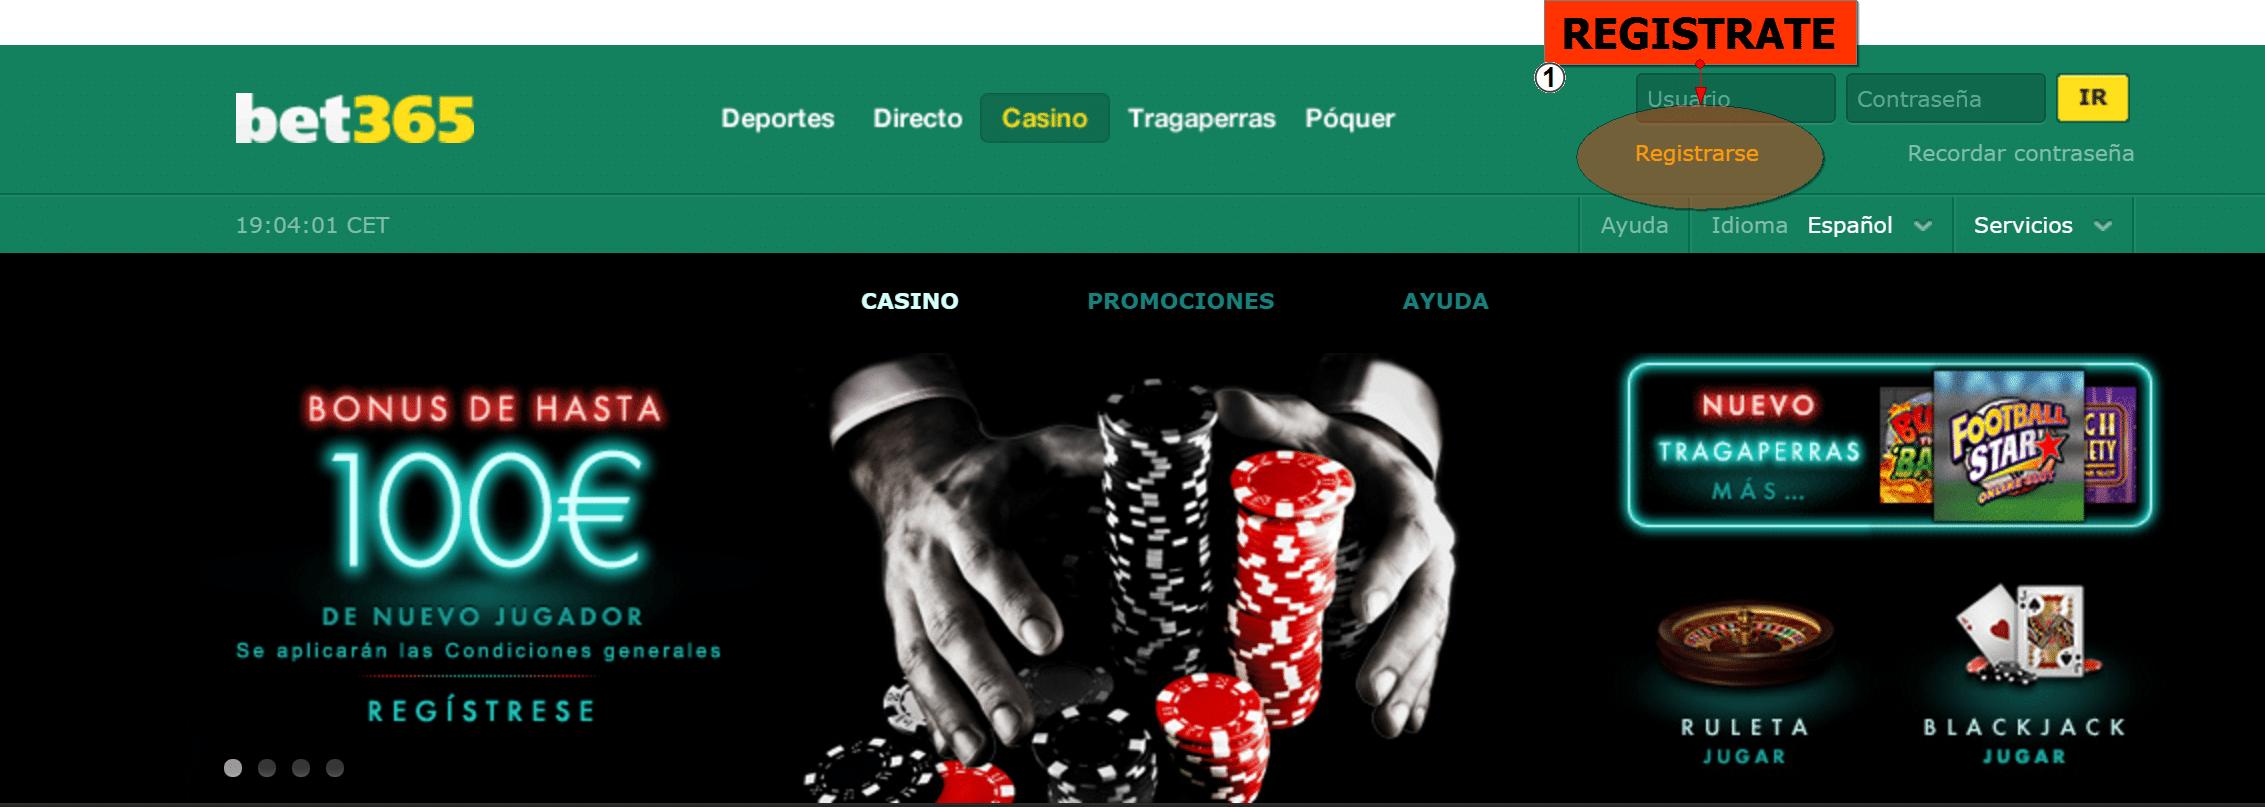 Jugar casino en vivo bono bet365 Brasília-733952